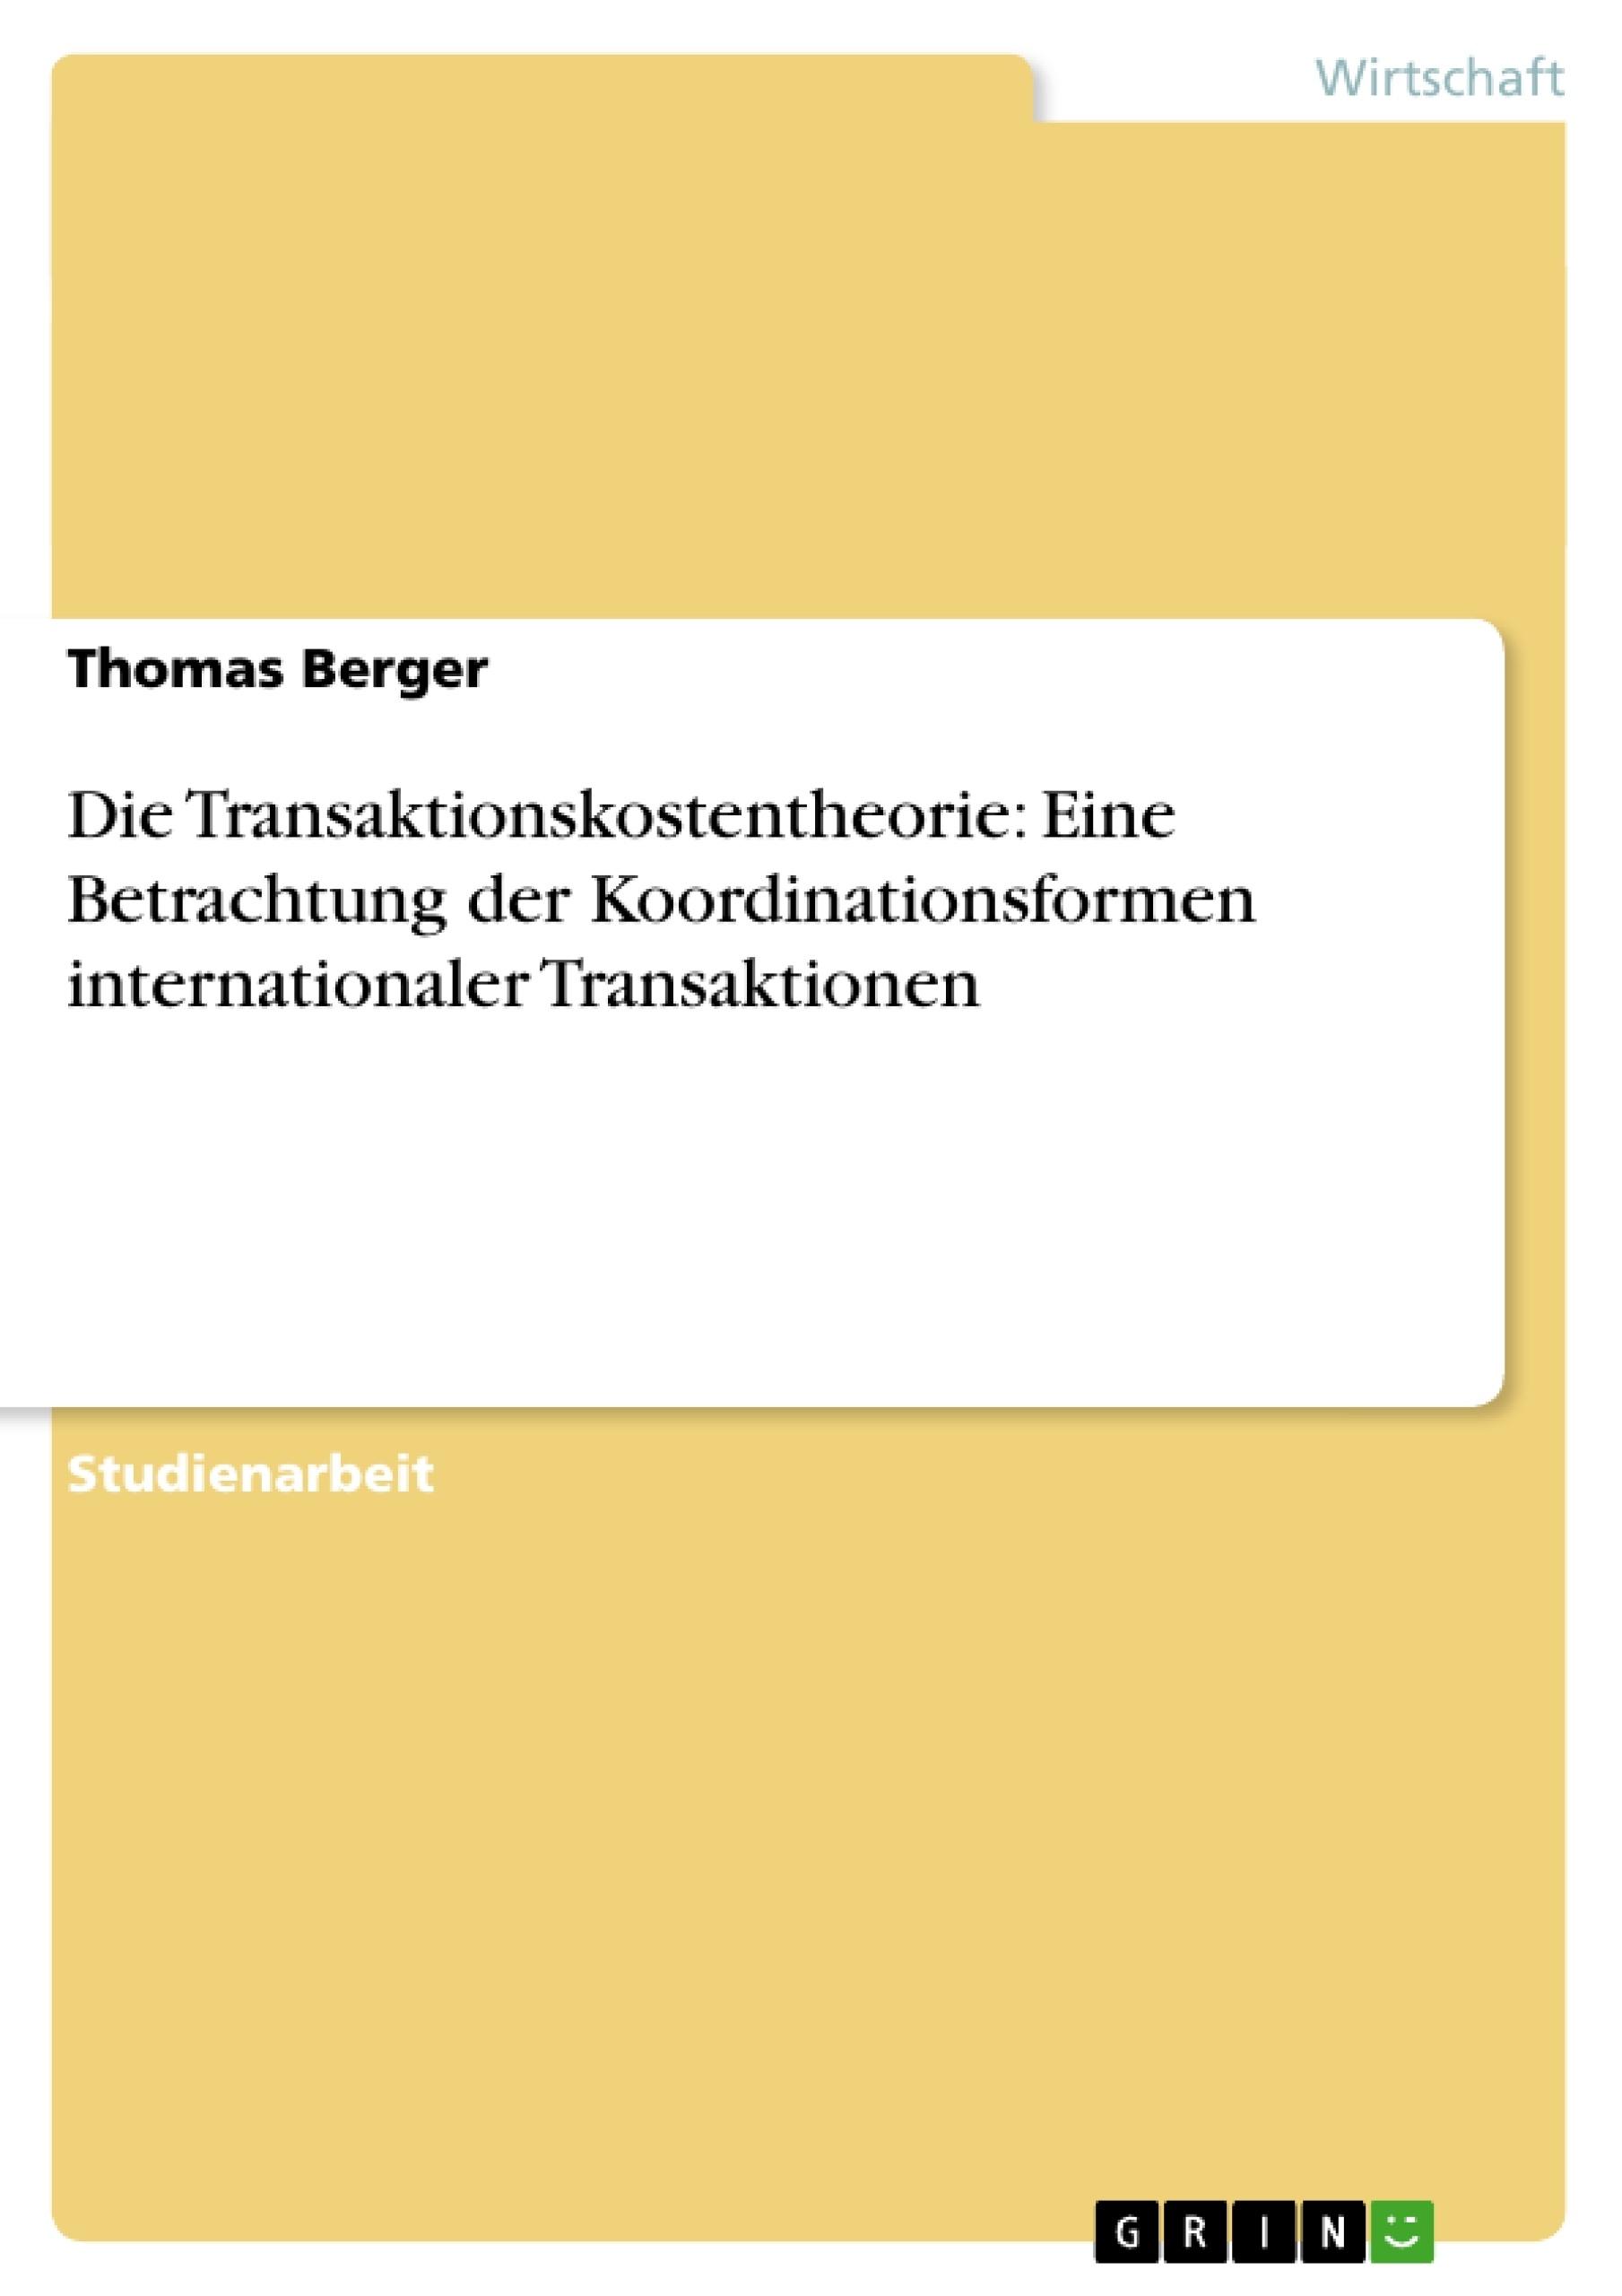 Titel: Die Transaktionskostentheorie: Eine Betrachtung der Koordinationsformen internationaler Transaktionen